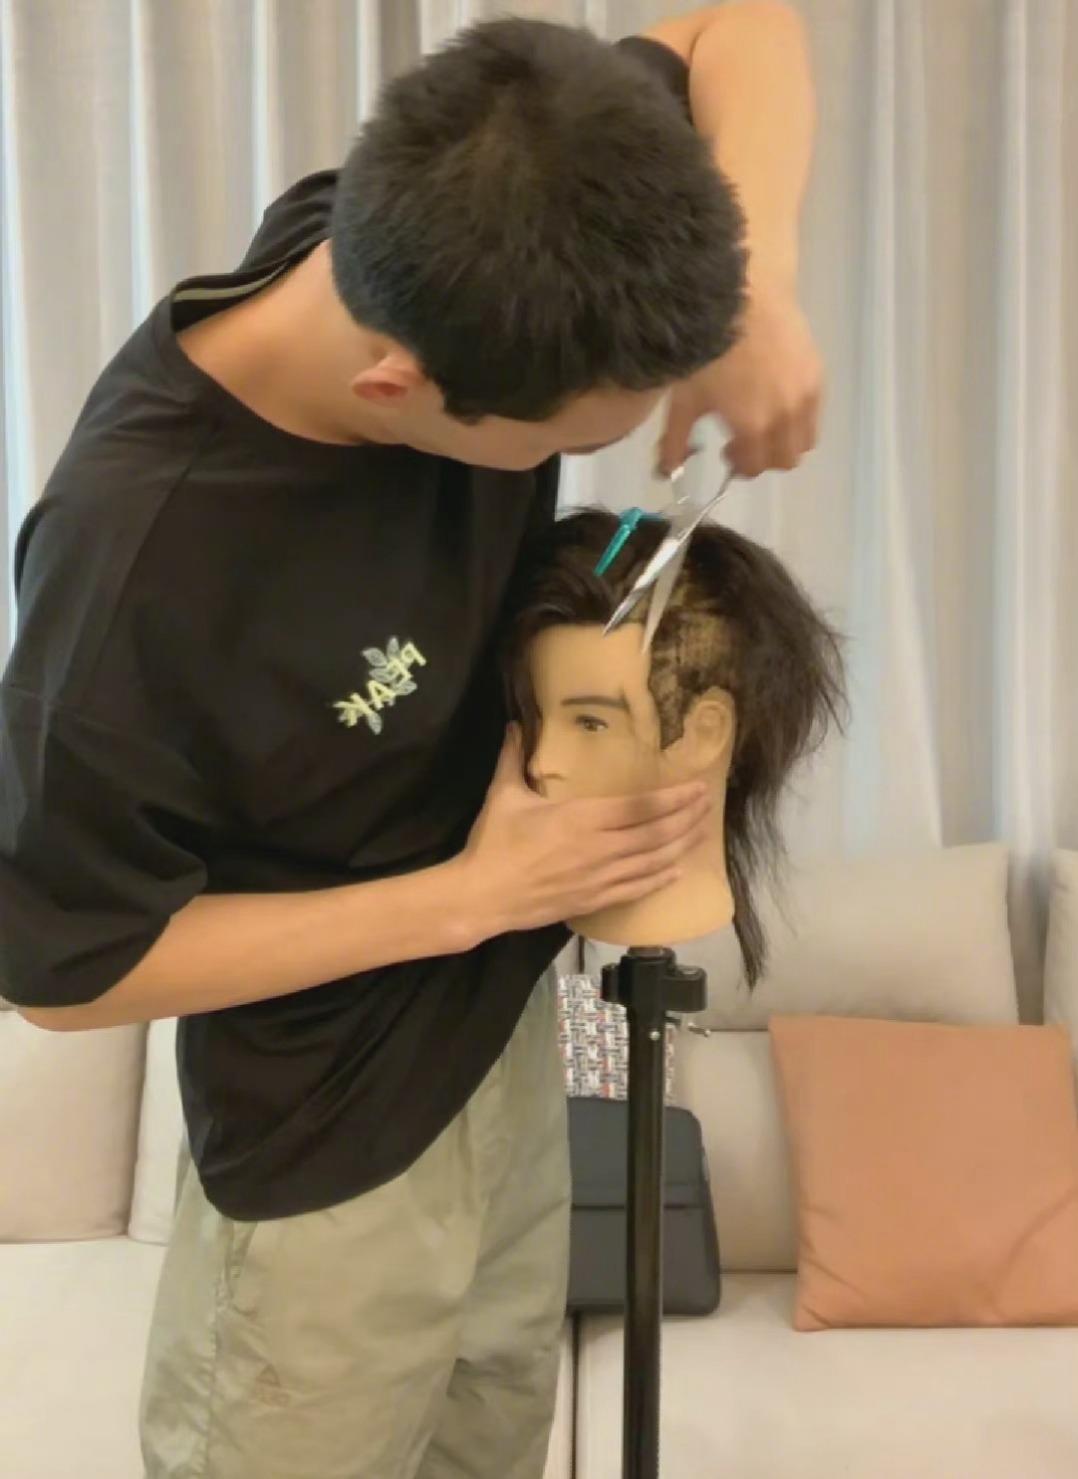 """吴磊剪秃模特头发还称""""绝美侧颜""""!手滑弄掉模特的头,片段出圈笑疯网友-Woah.MY"""